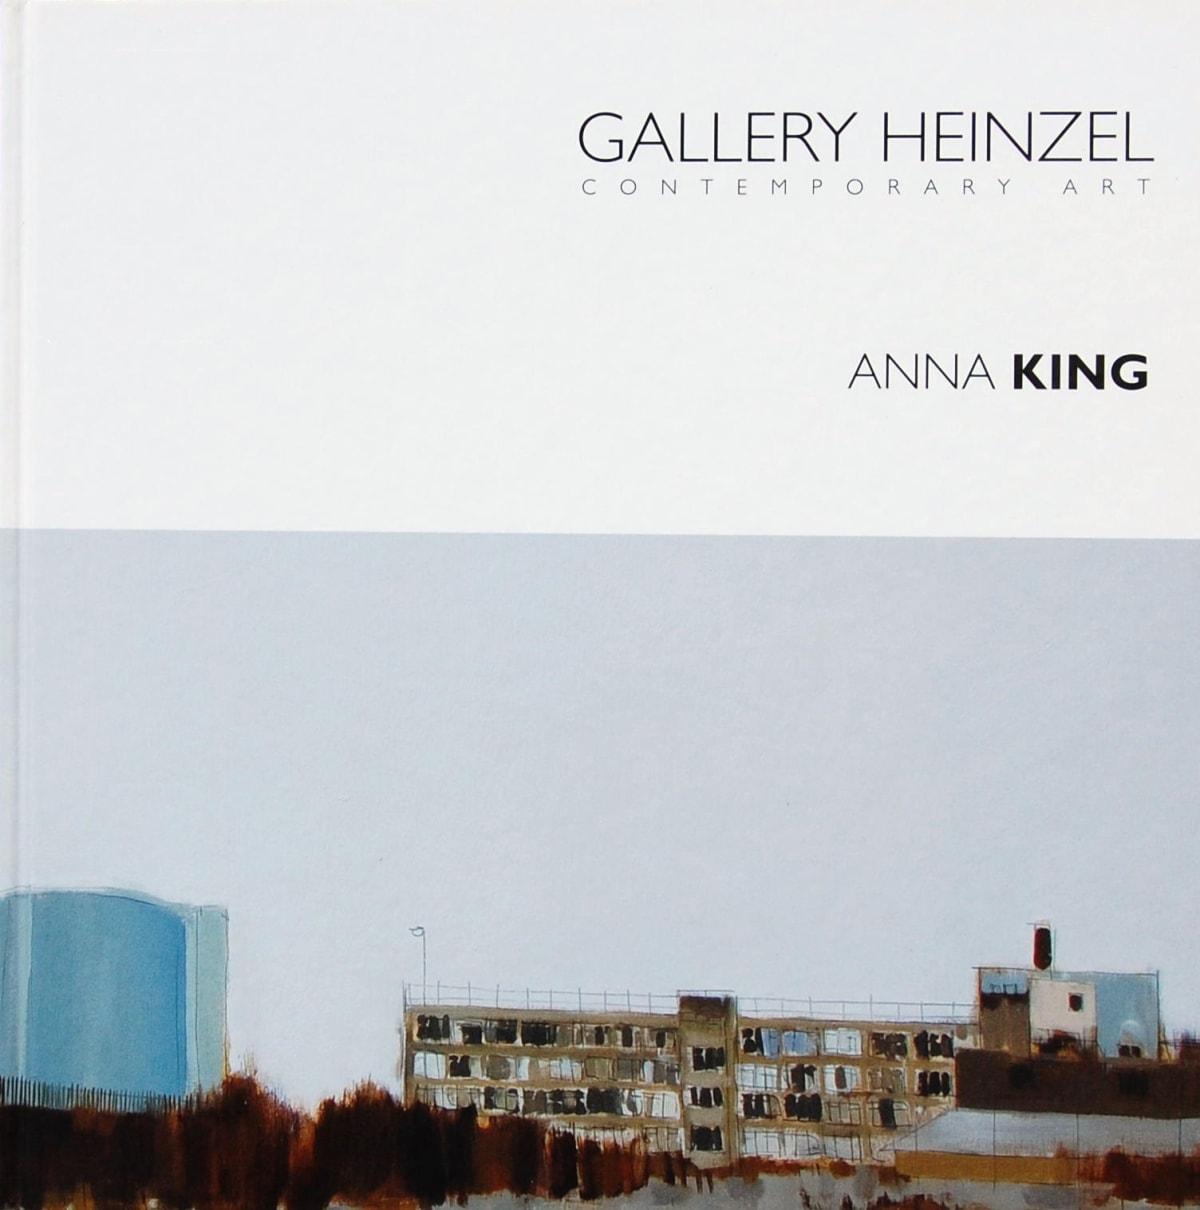 Gallery Heinzel presents ANNA KING